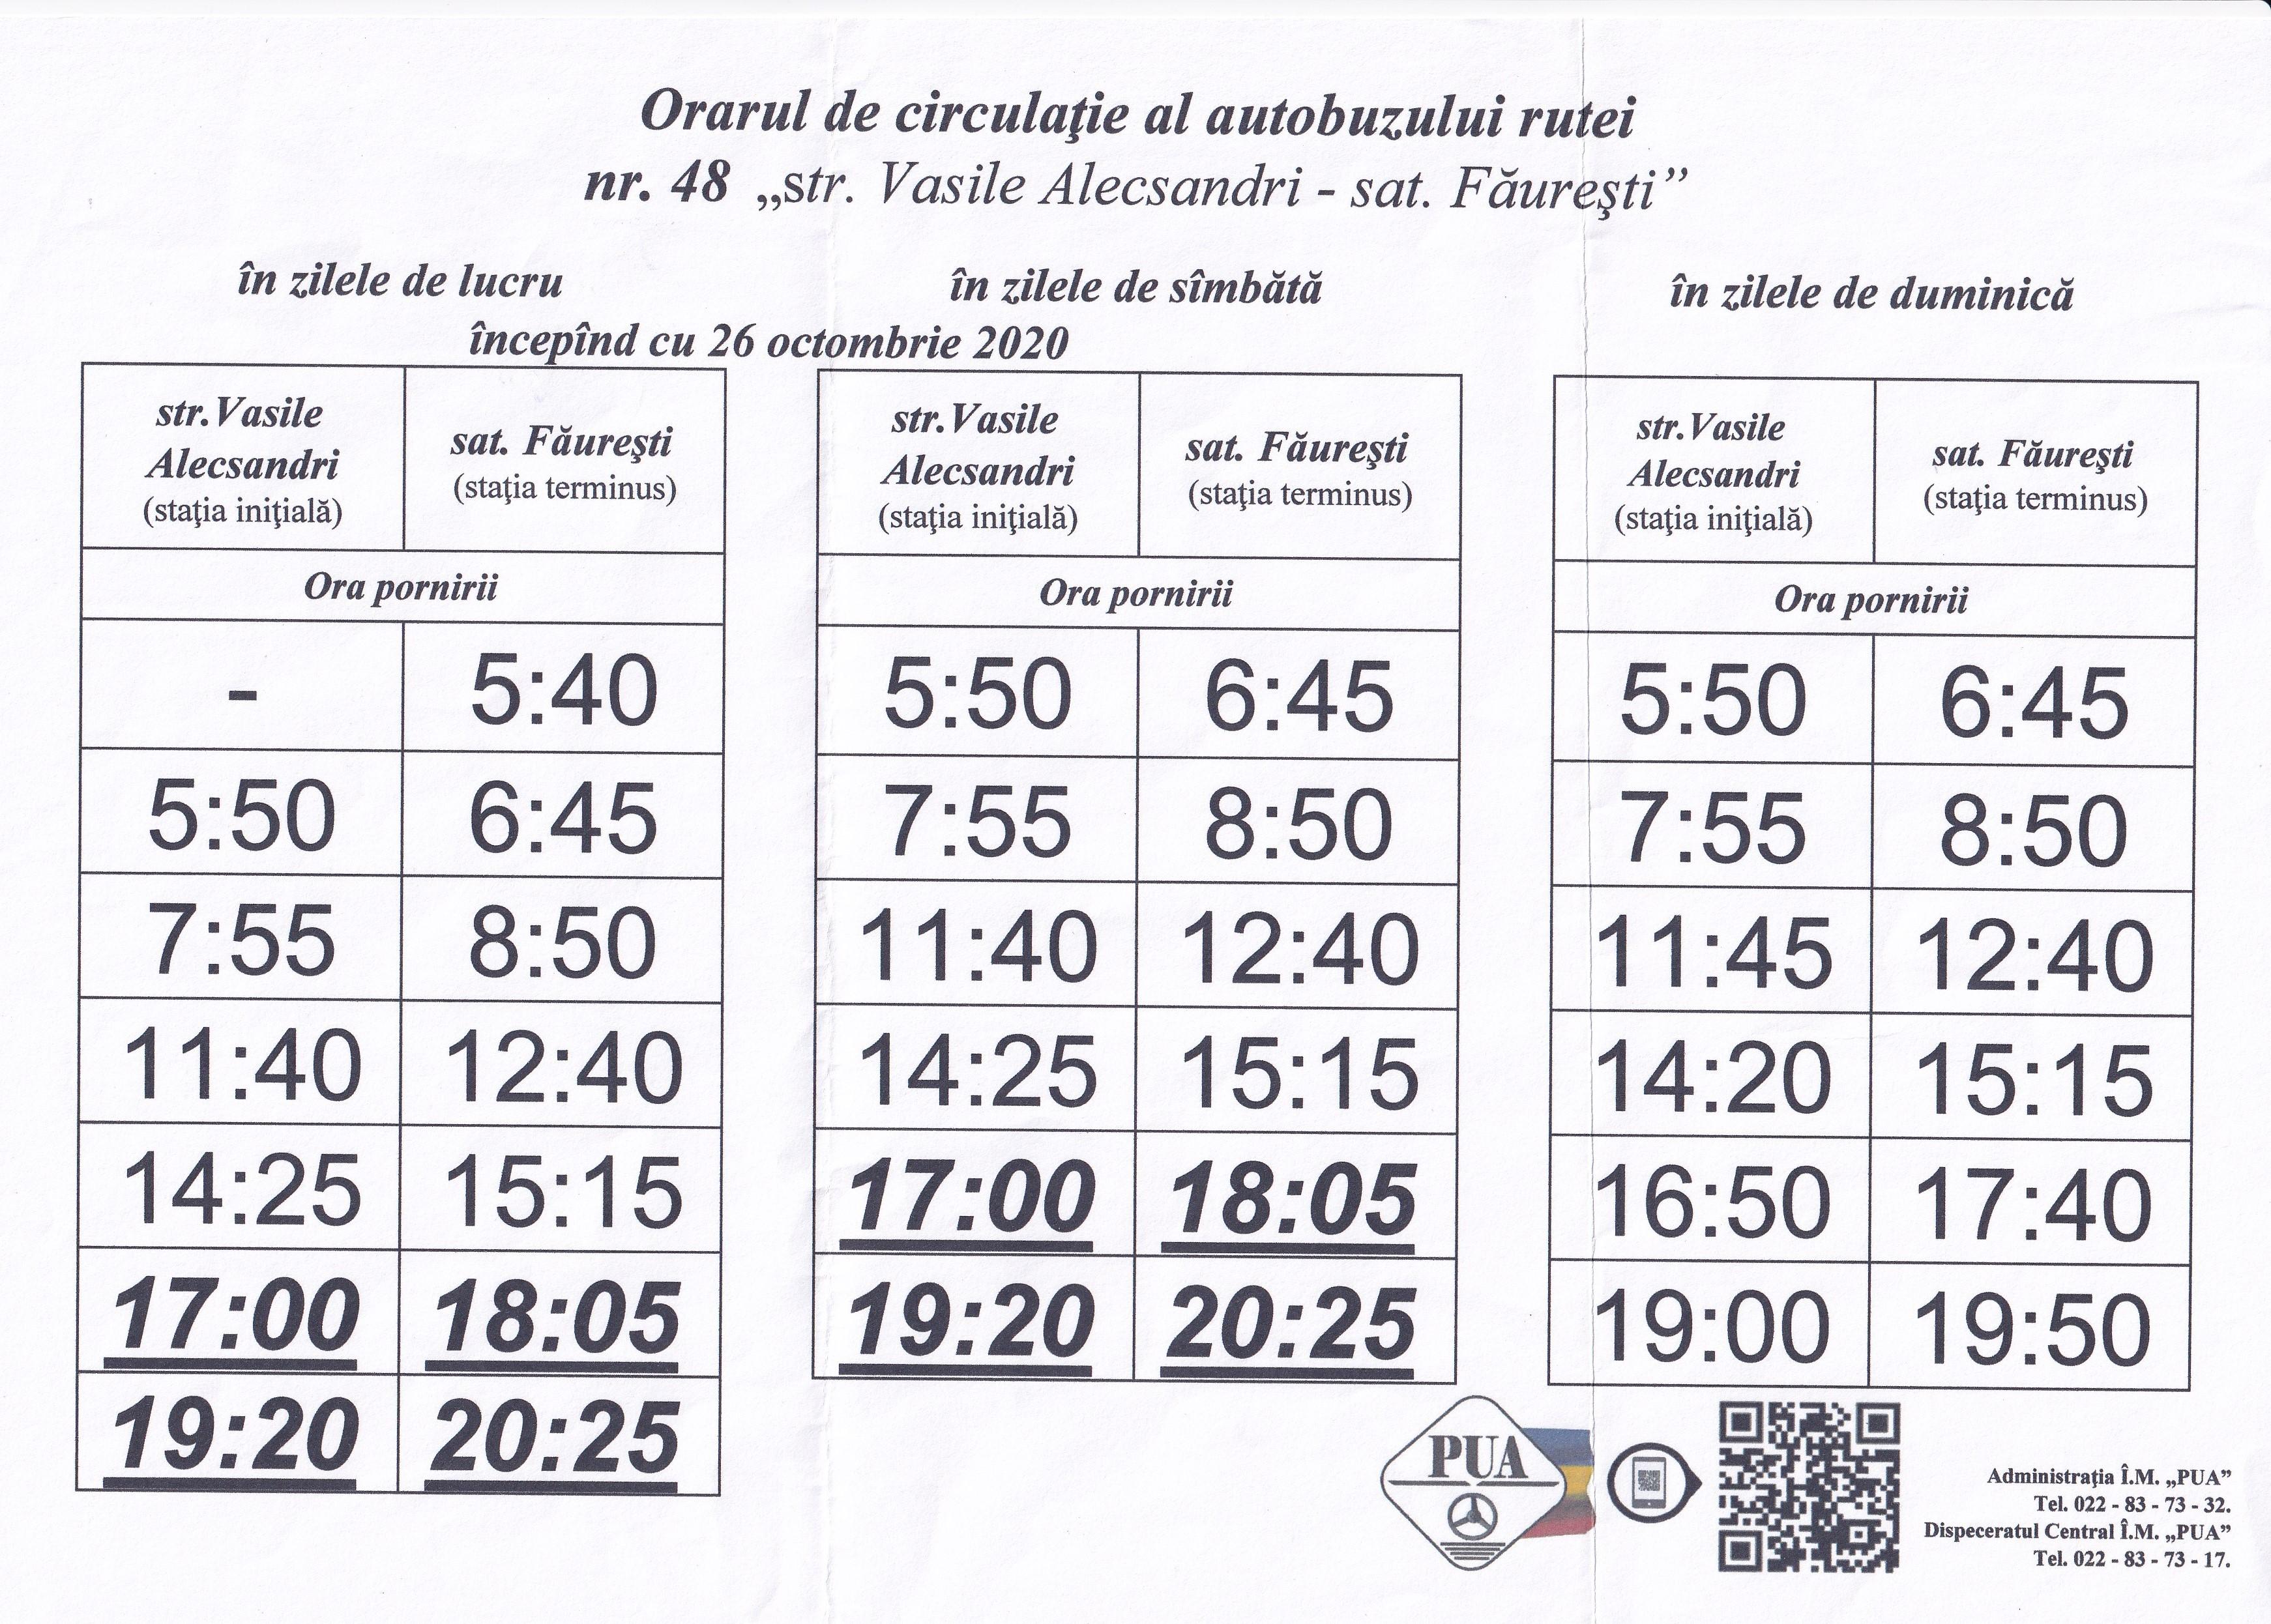 Modificarea orarului de circulație al autobuzului rutei Nr. 48